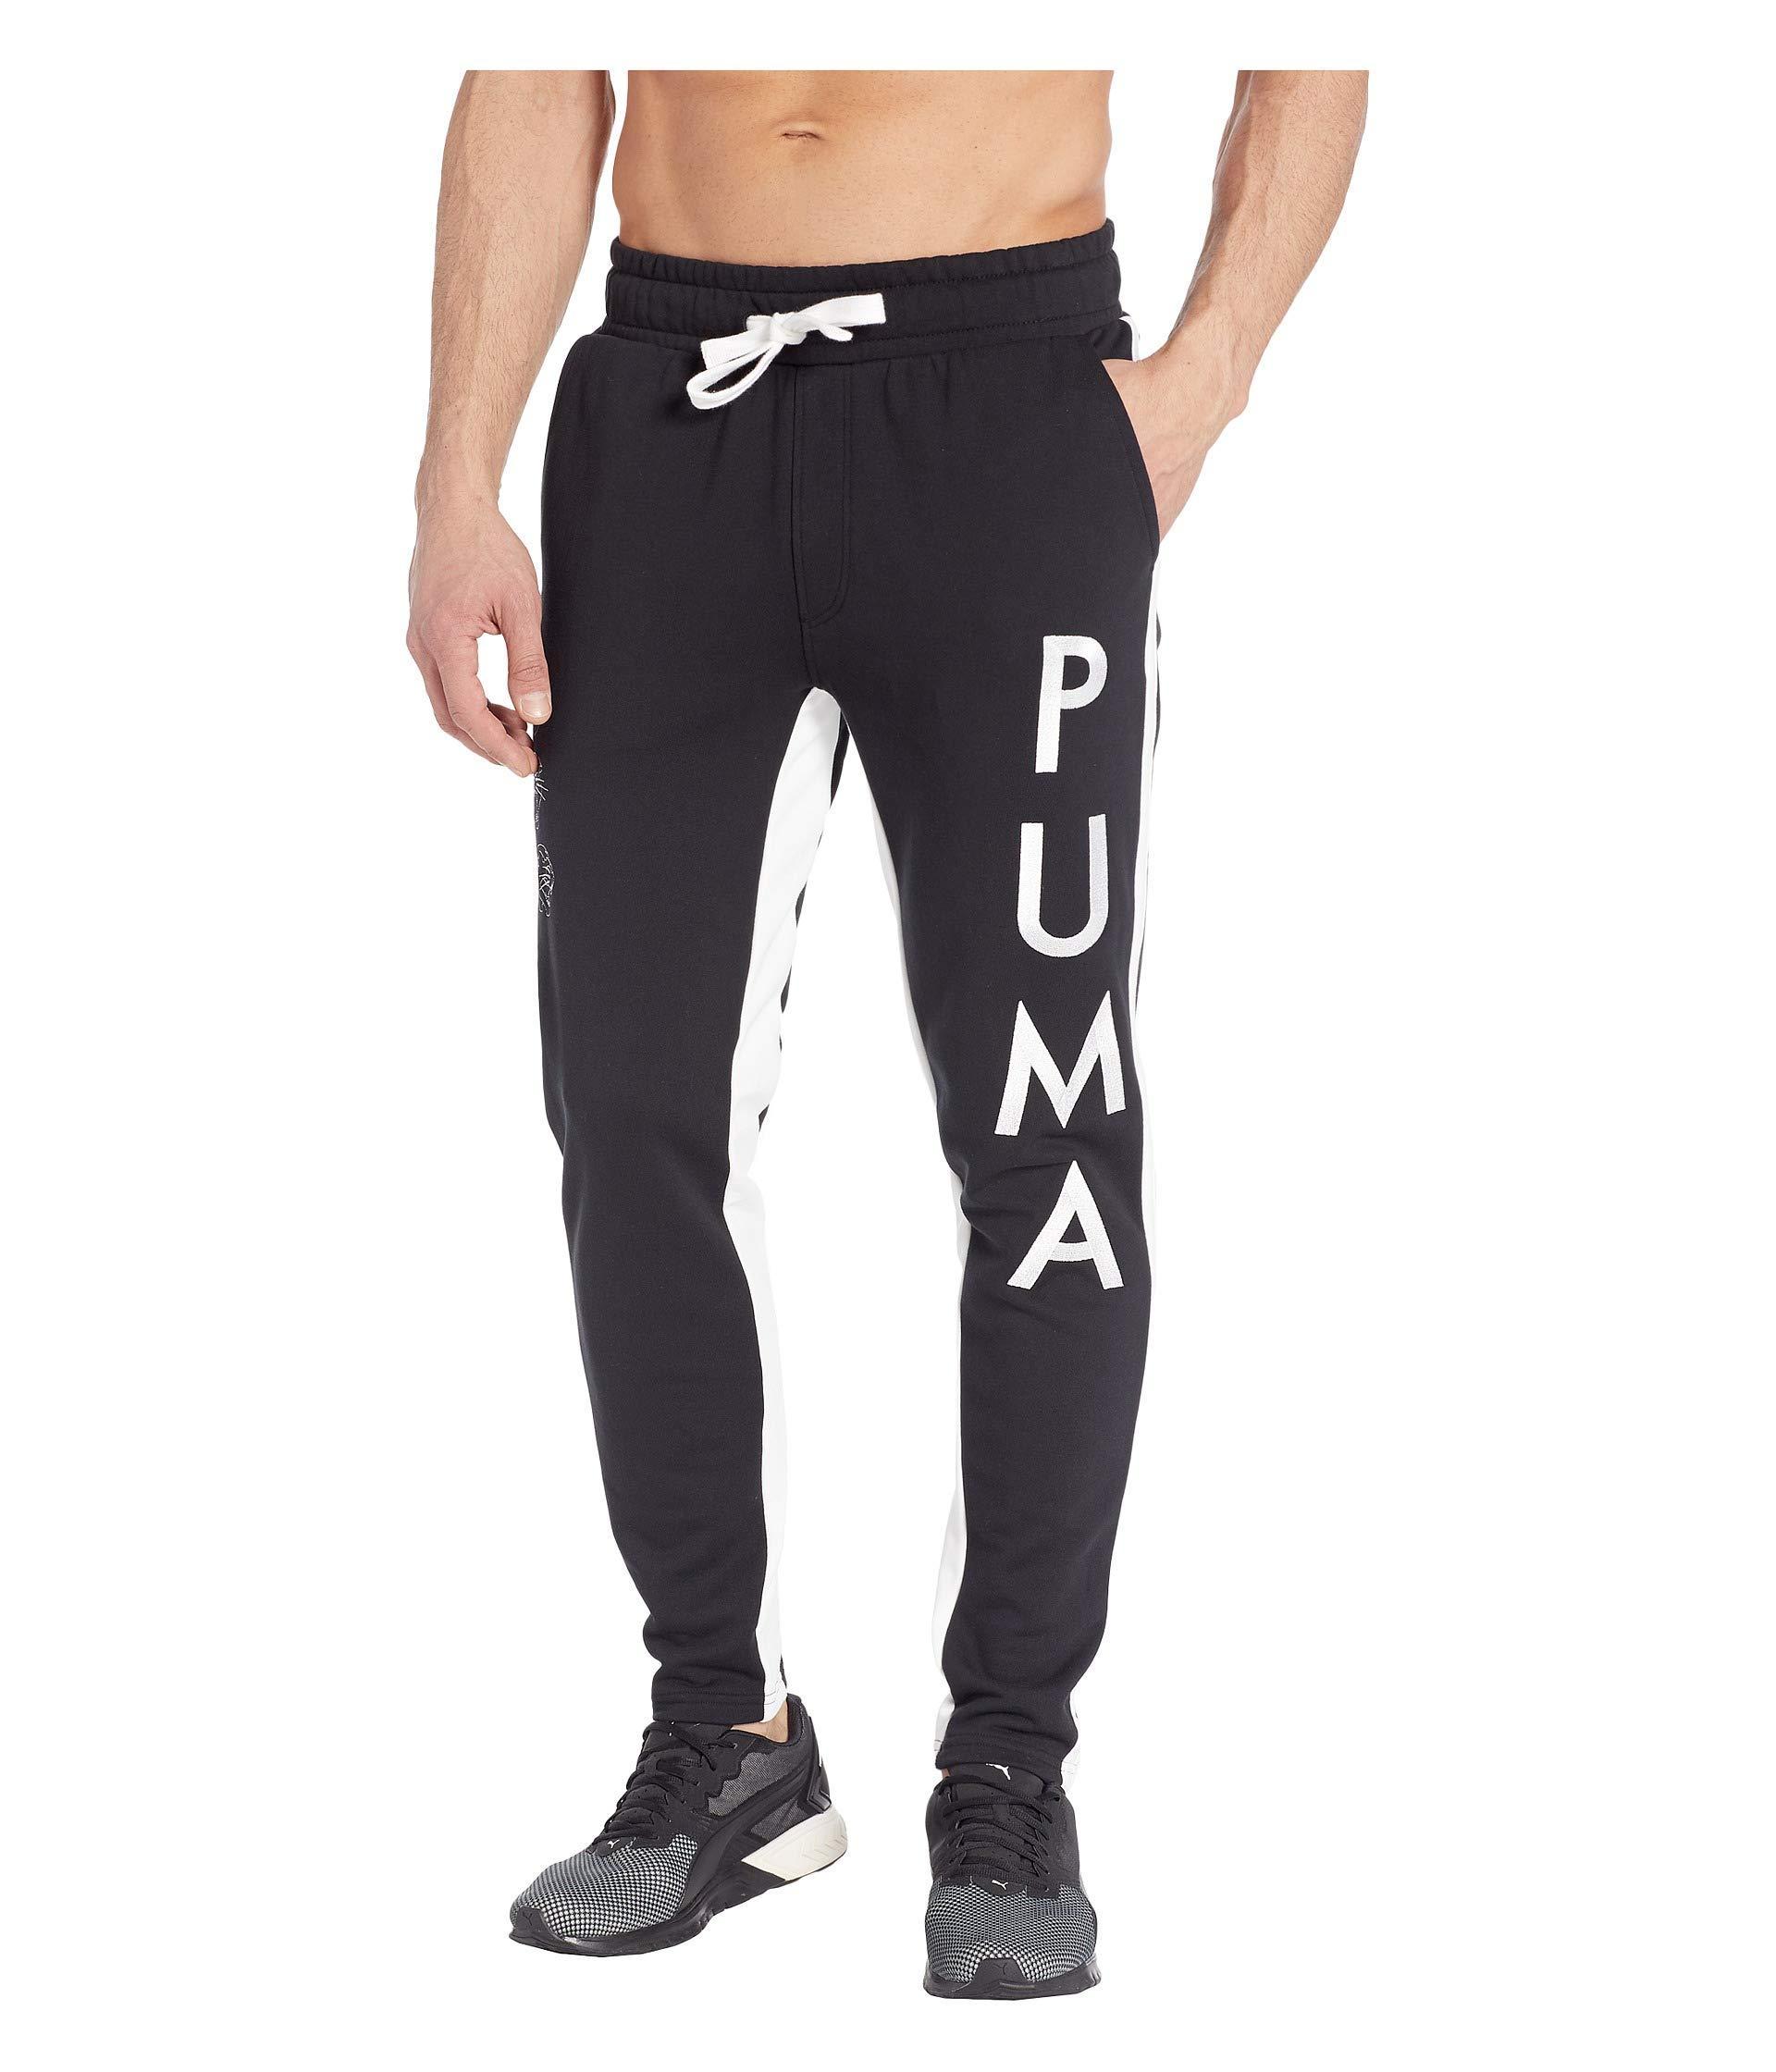 97ad0f8d0cb2 Lyst - PUMA Last Dayz Sweatpants (light Gray Heather  Black) Men s ...